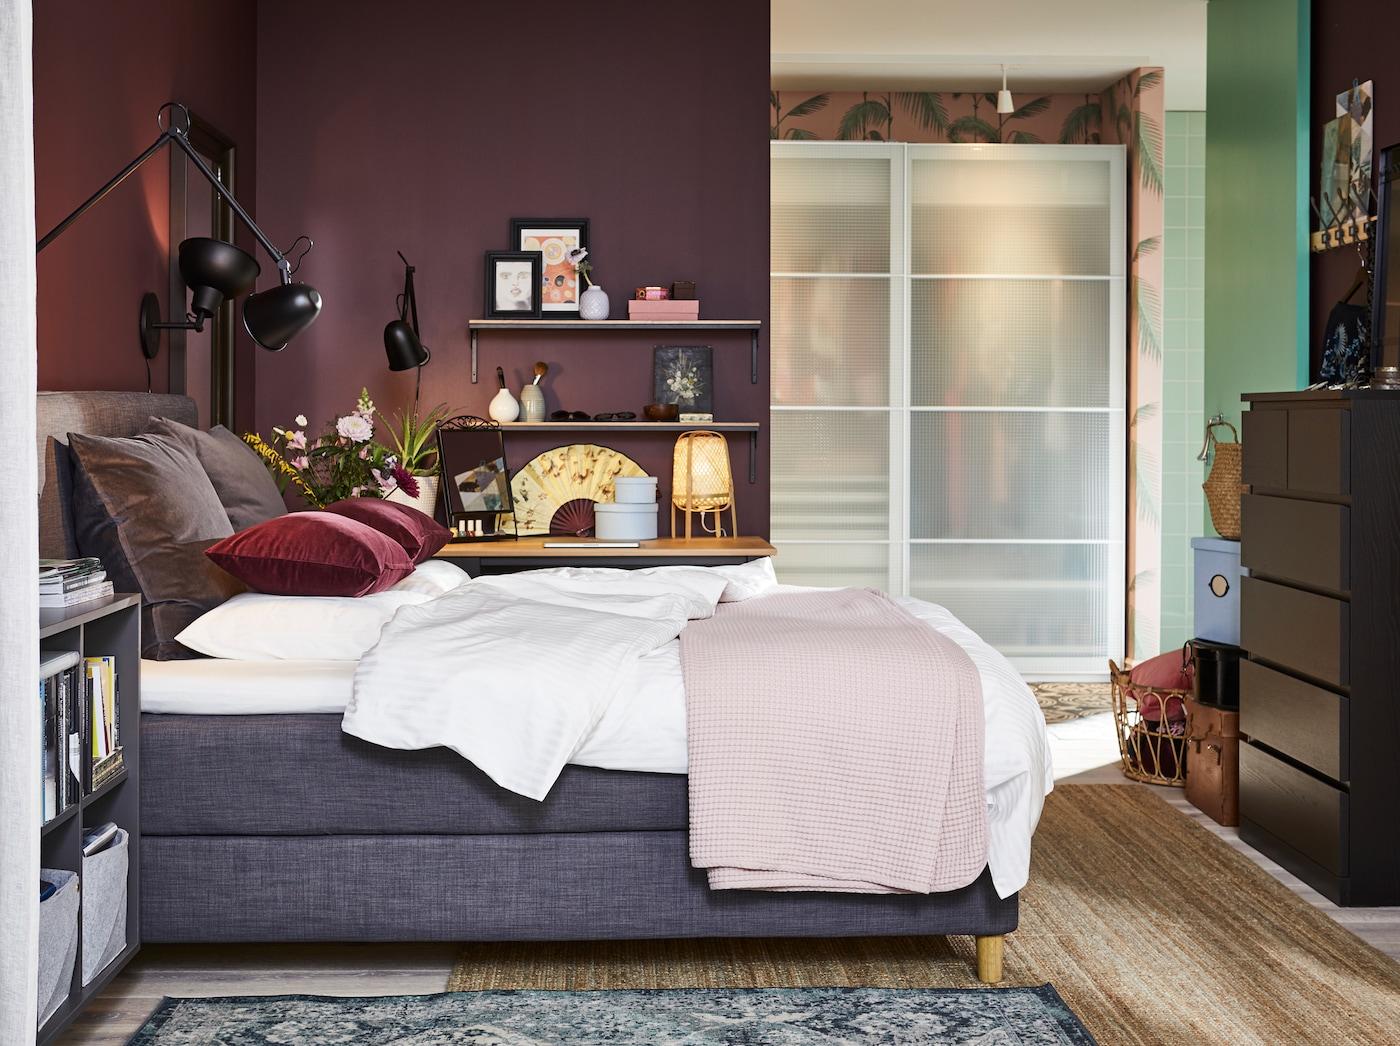 Quarto com uma cama continental em cinzento escuro, candeeiros de parede pretos, um tapete em juta, uma cómoda em preto-castanho e capas de almofada vermelho escuro.